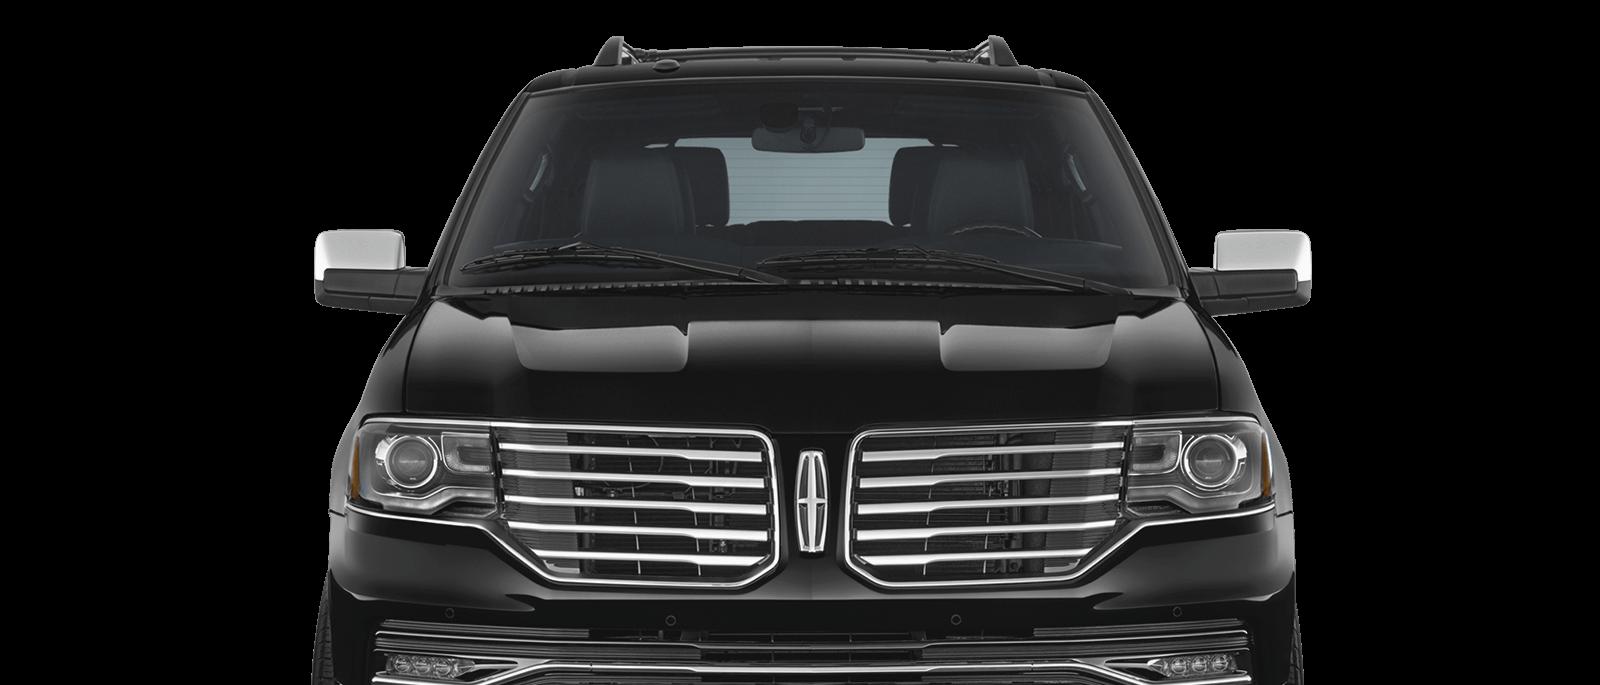 lincoln navigator car rental exotic car collection by enterprise. Black Bedroom Furniture Sets. Home Design Ideas